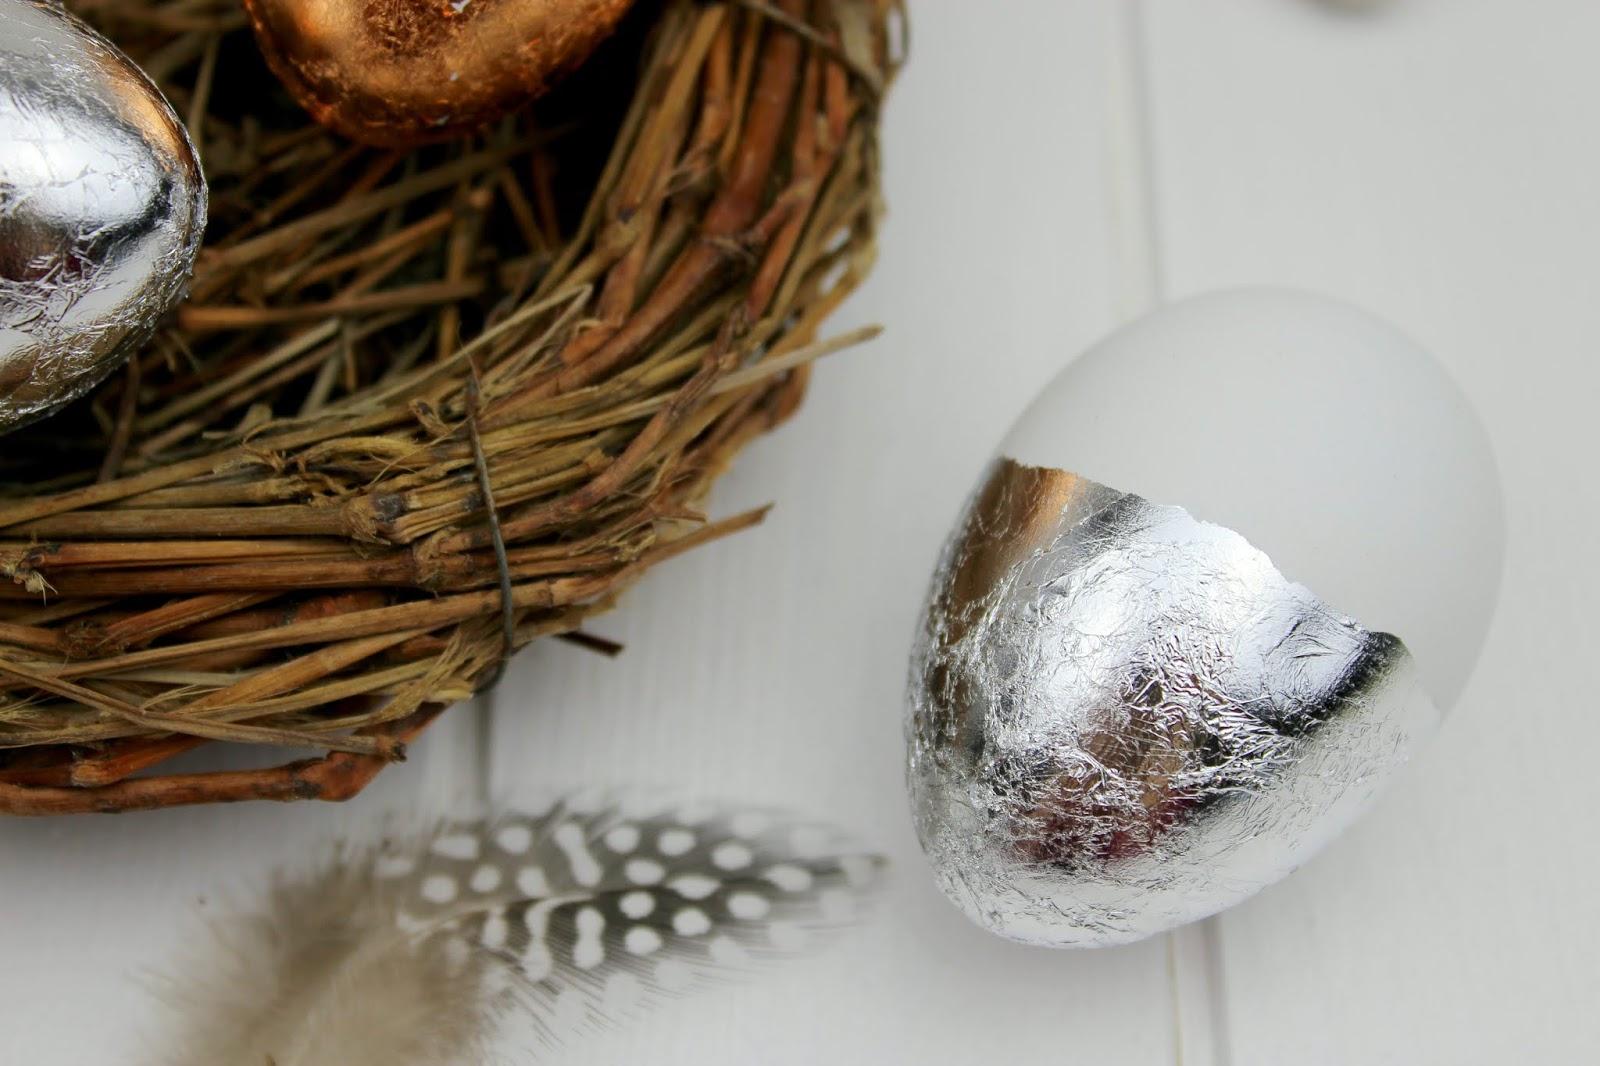 DIY Ostereier mit Blattgold verzieren - in nur wenigen Schritten zu eurer selbstgemachten Osterdeko